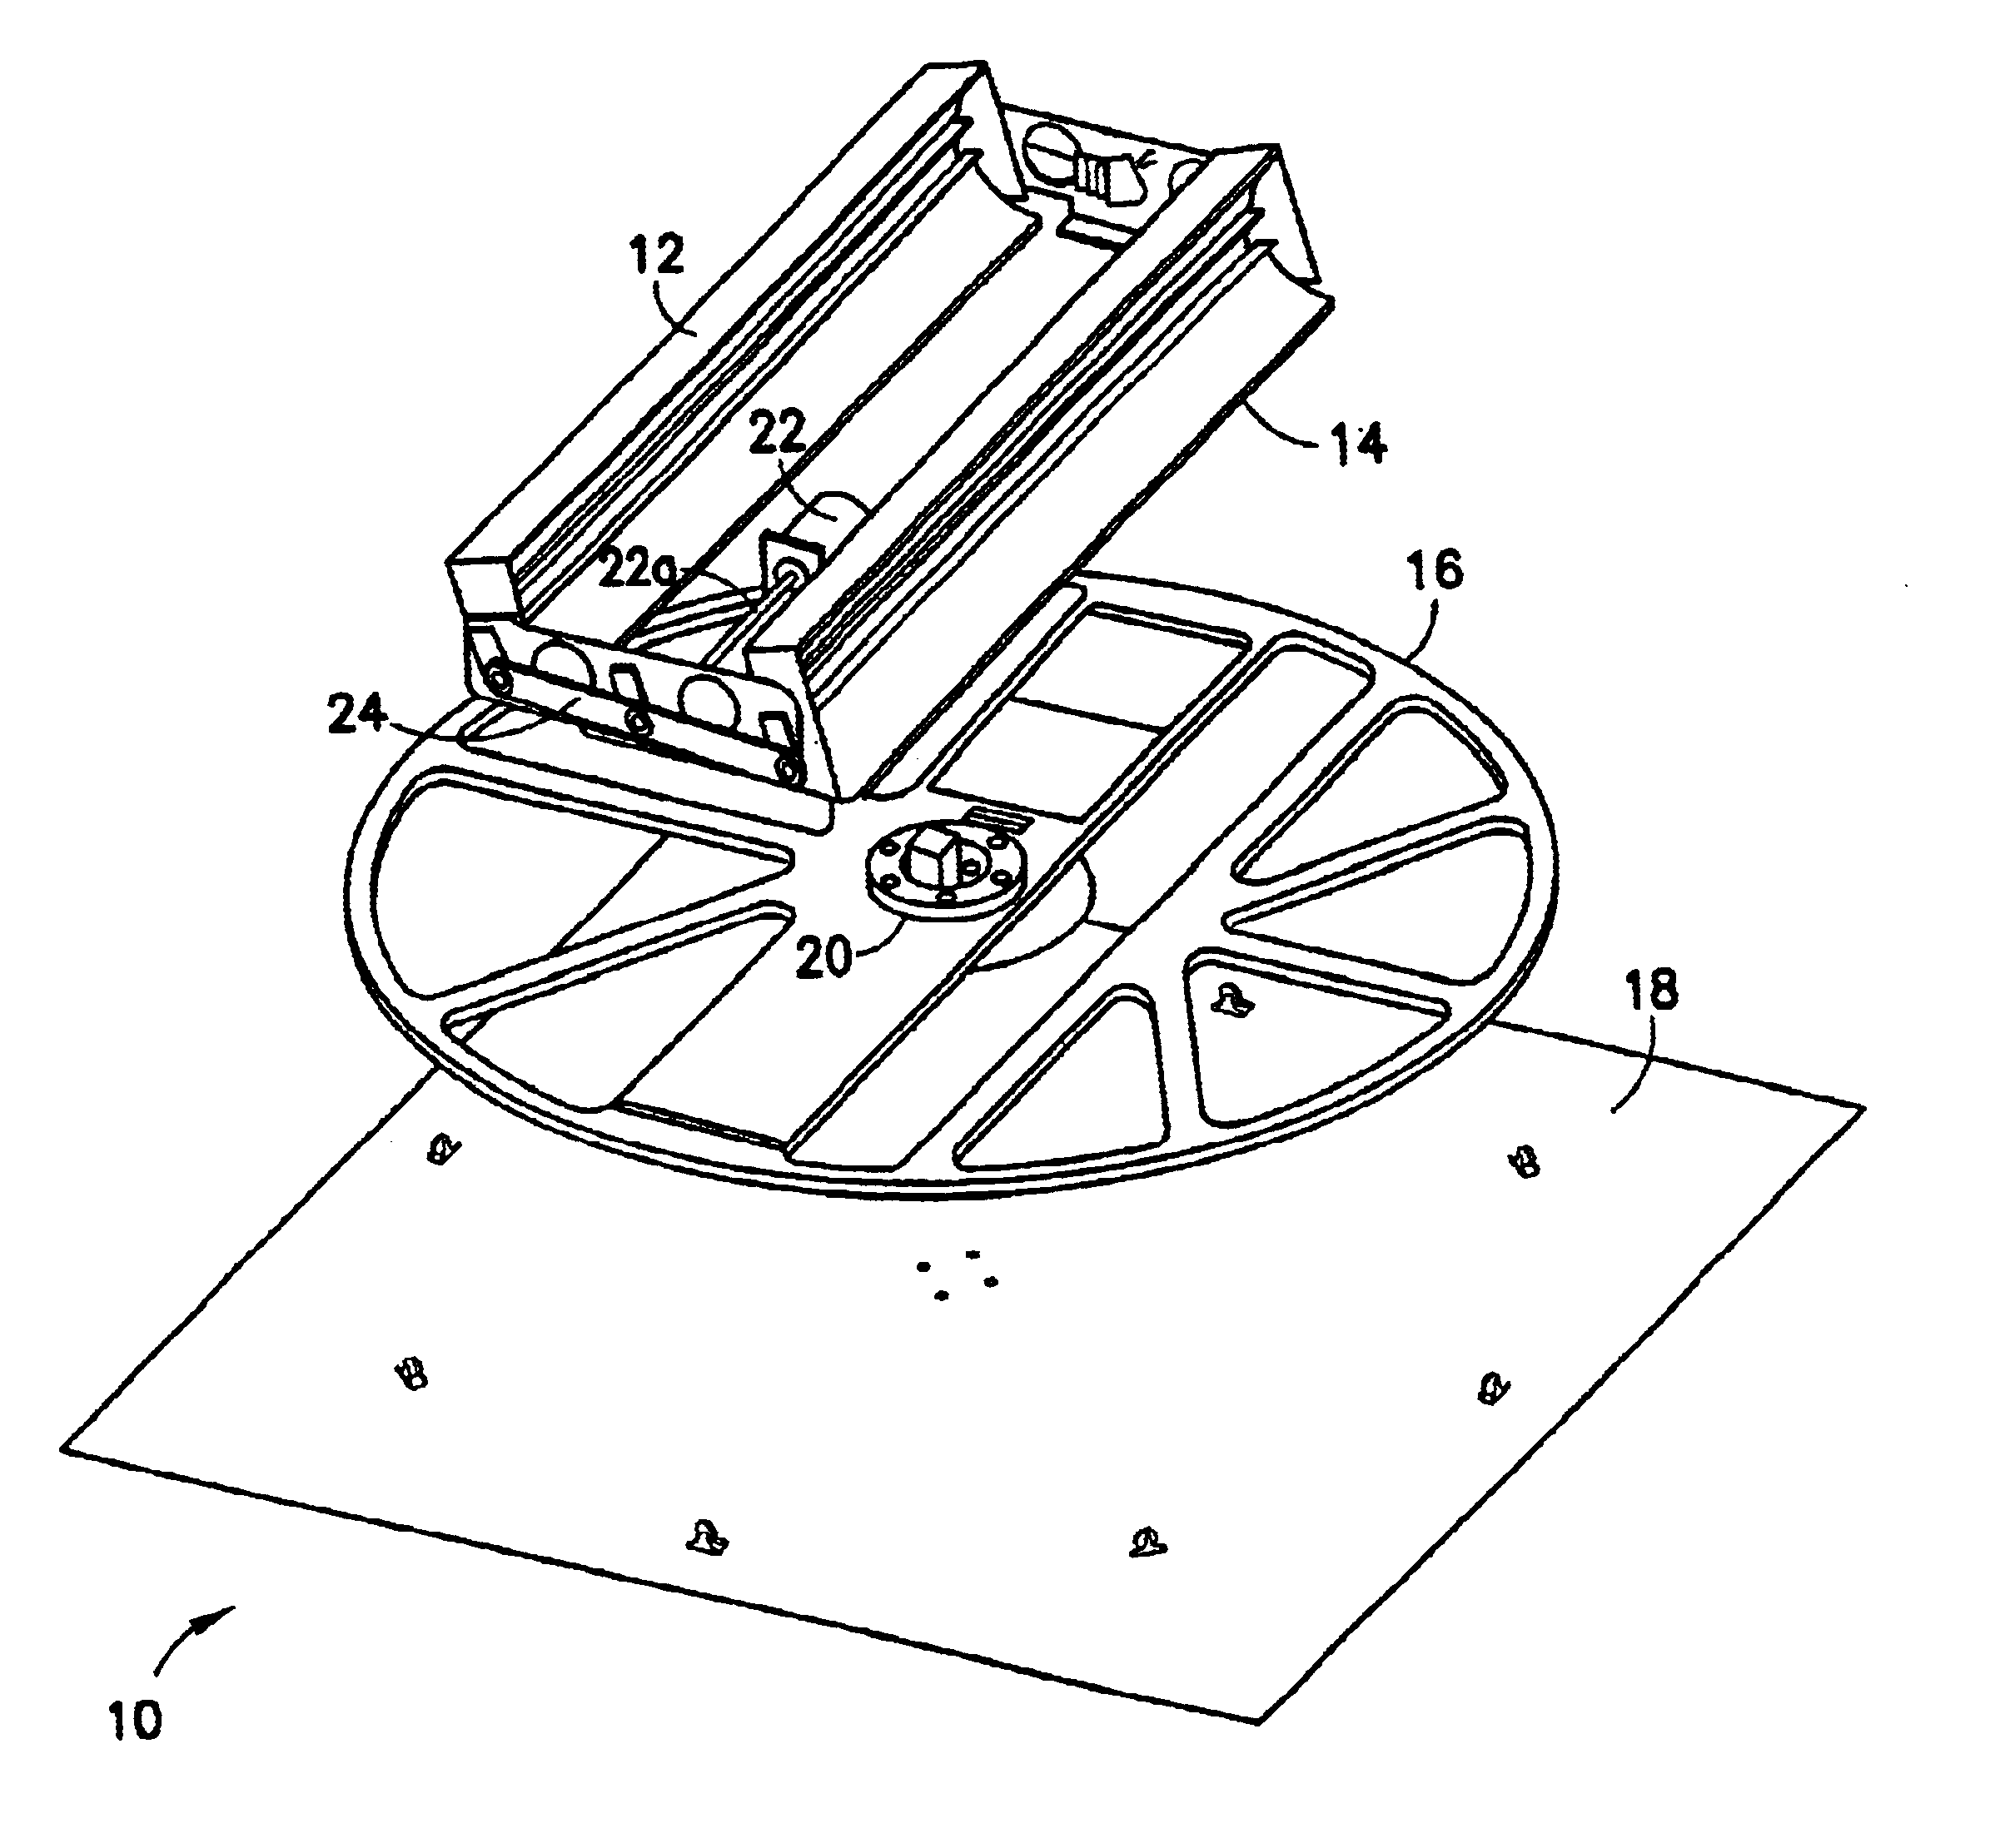 patent us6657589